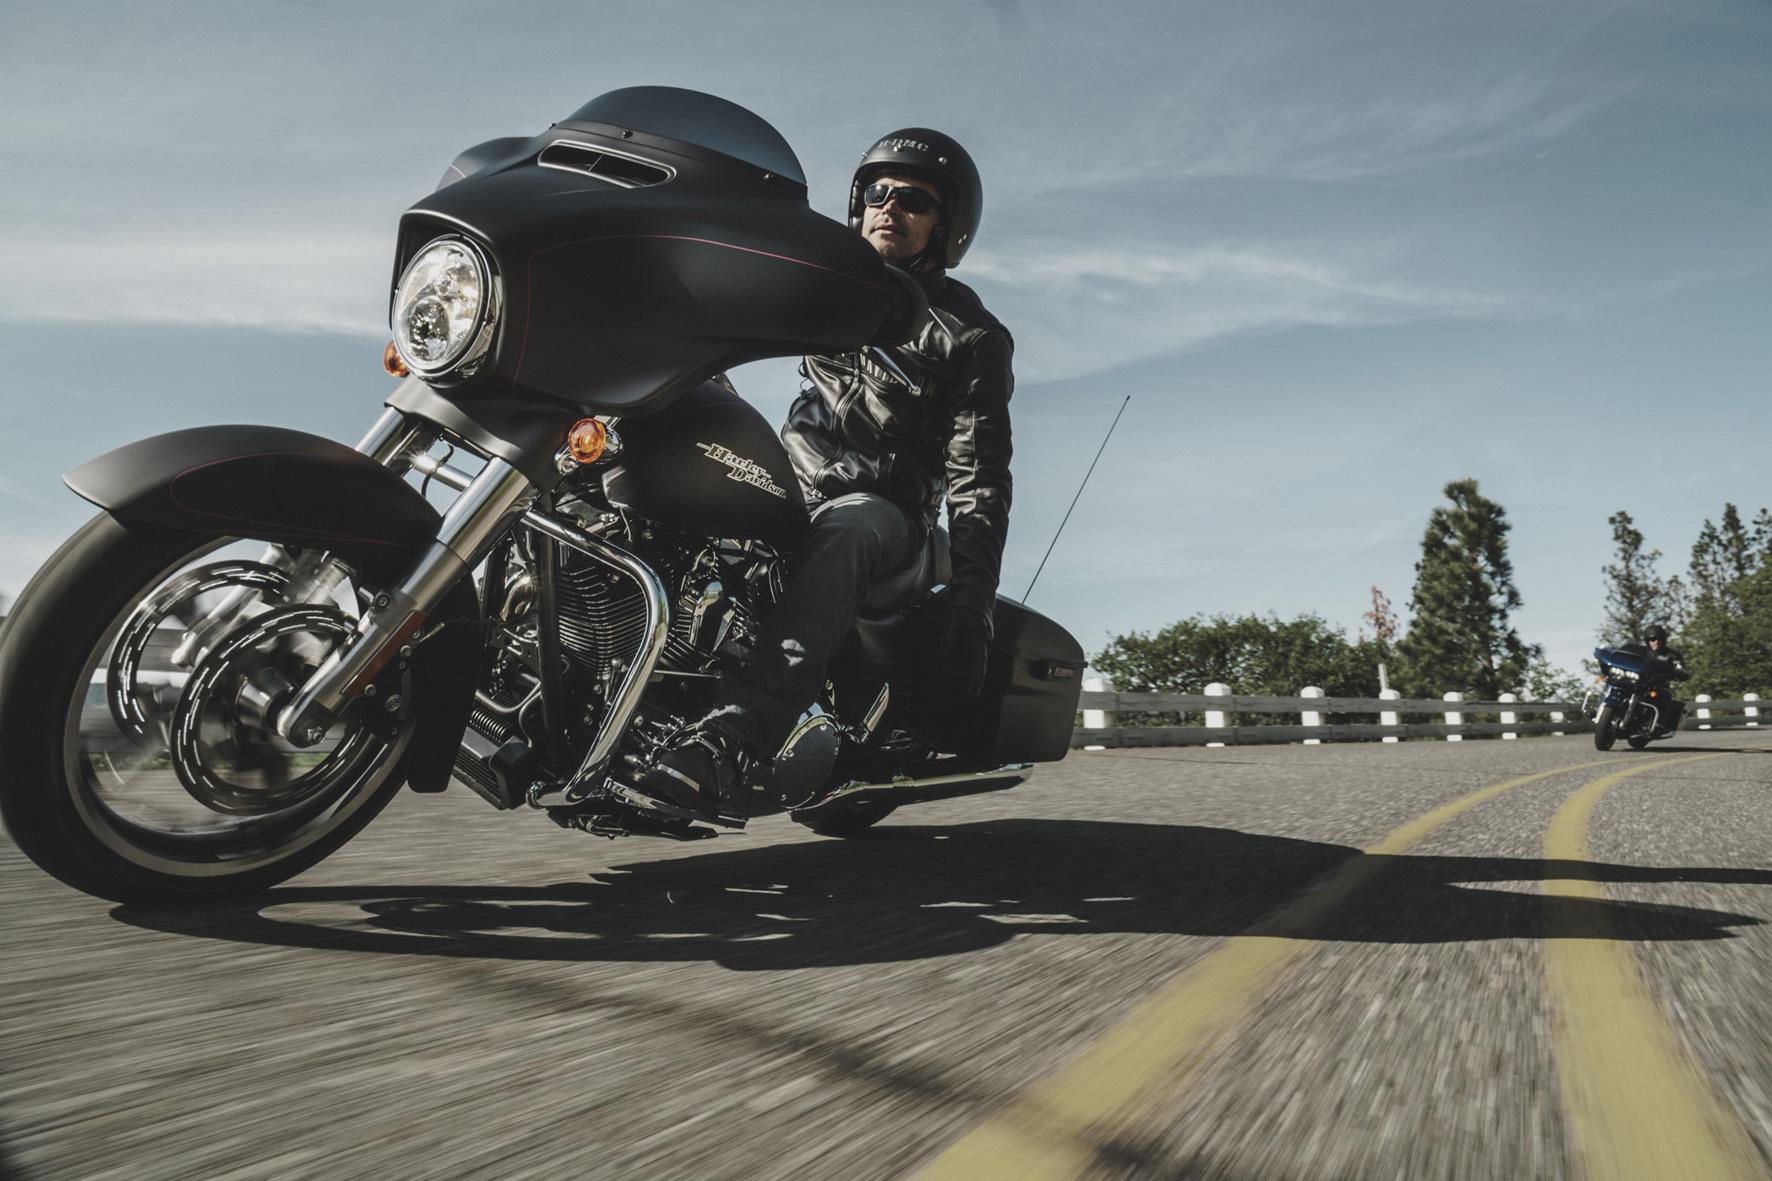 mid München - Gestripptes puristisches Flacheisen mit niedrigem Heck: Die Harley-Davidson Street Glide Special ist ein typischer Bagger.